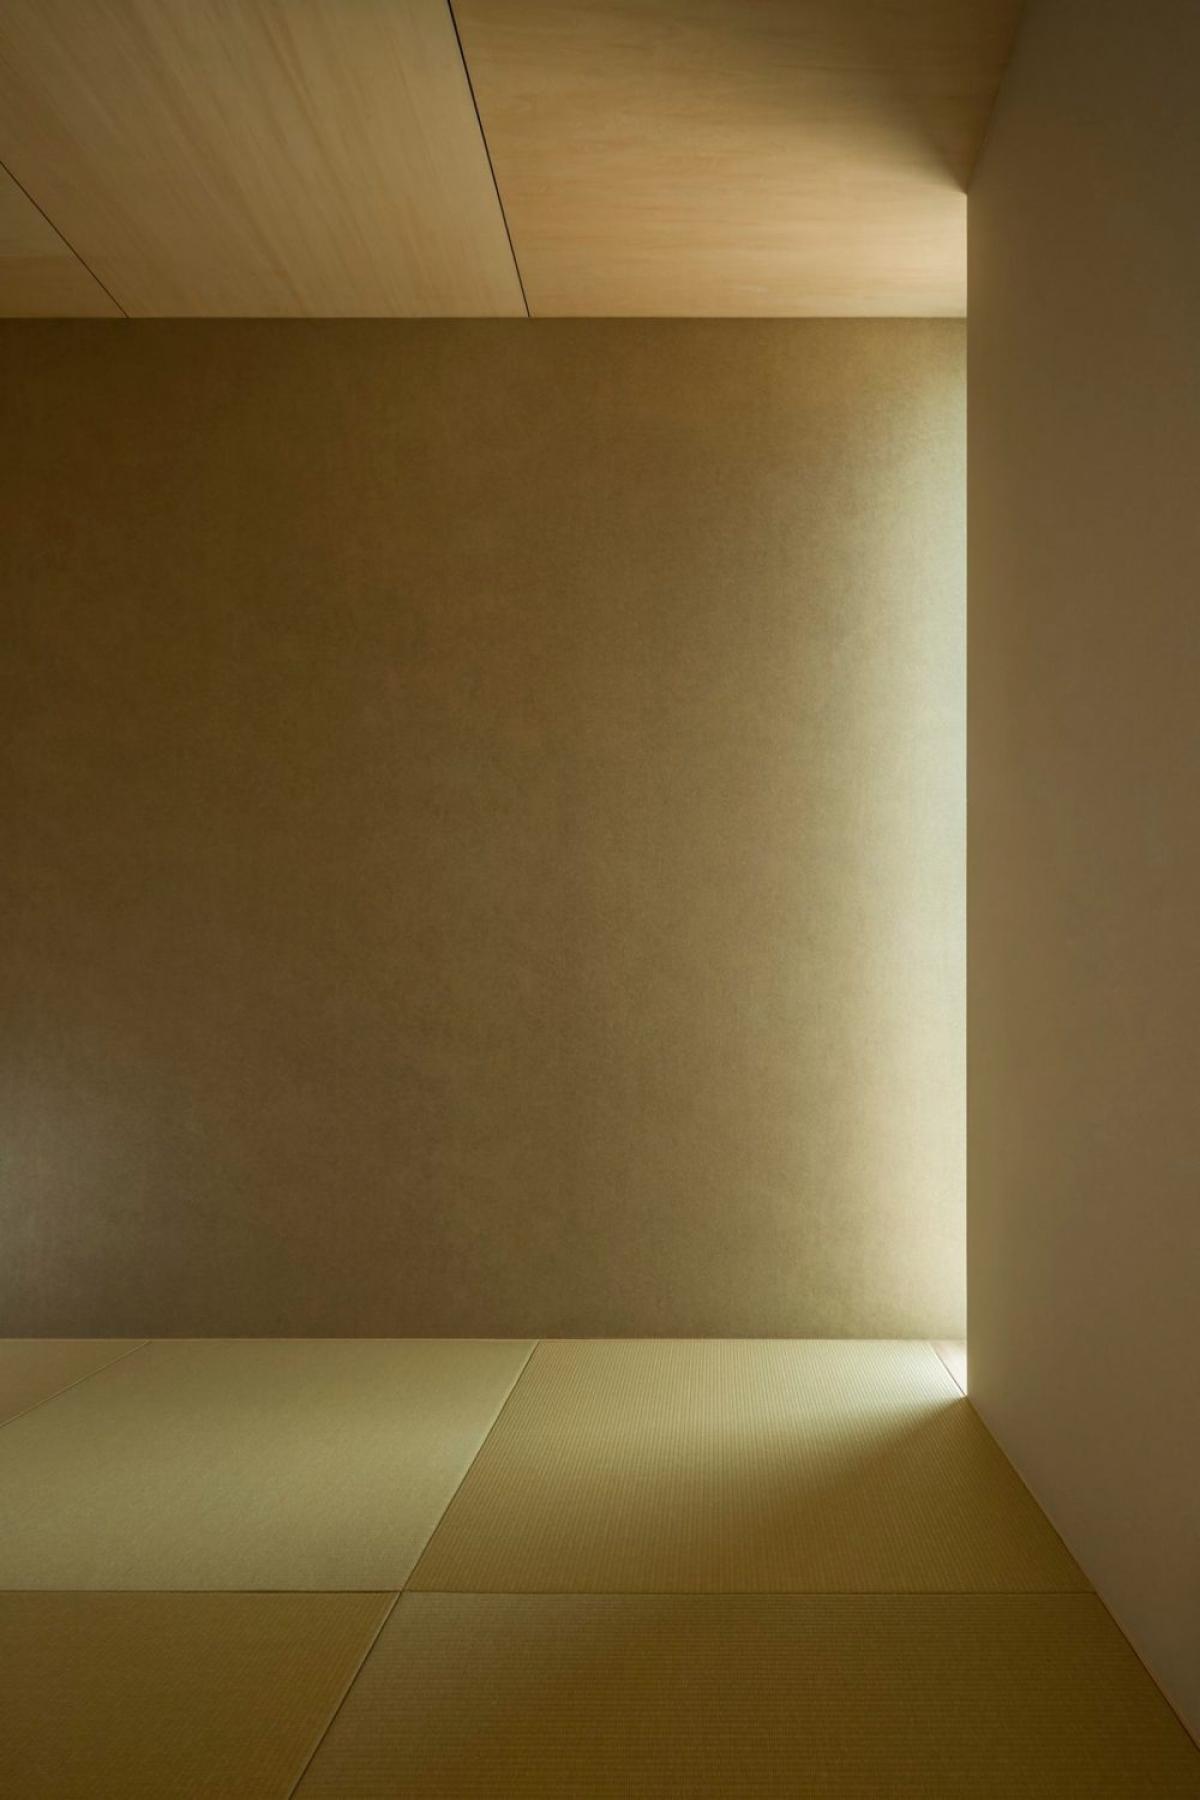 Ngoài cửa sổ thì các khe hở góp vai trò không nhỏ mang ánh sáng tự nhiên vào không gian bên trong./.